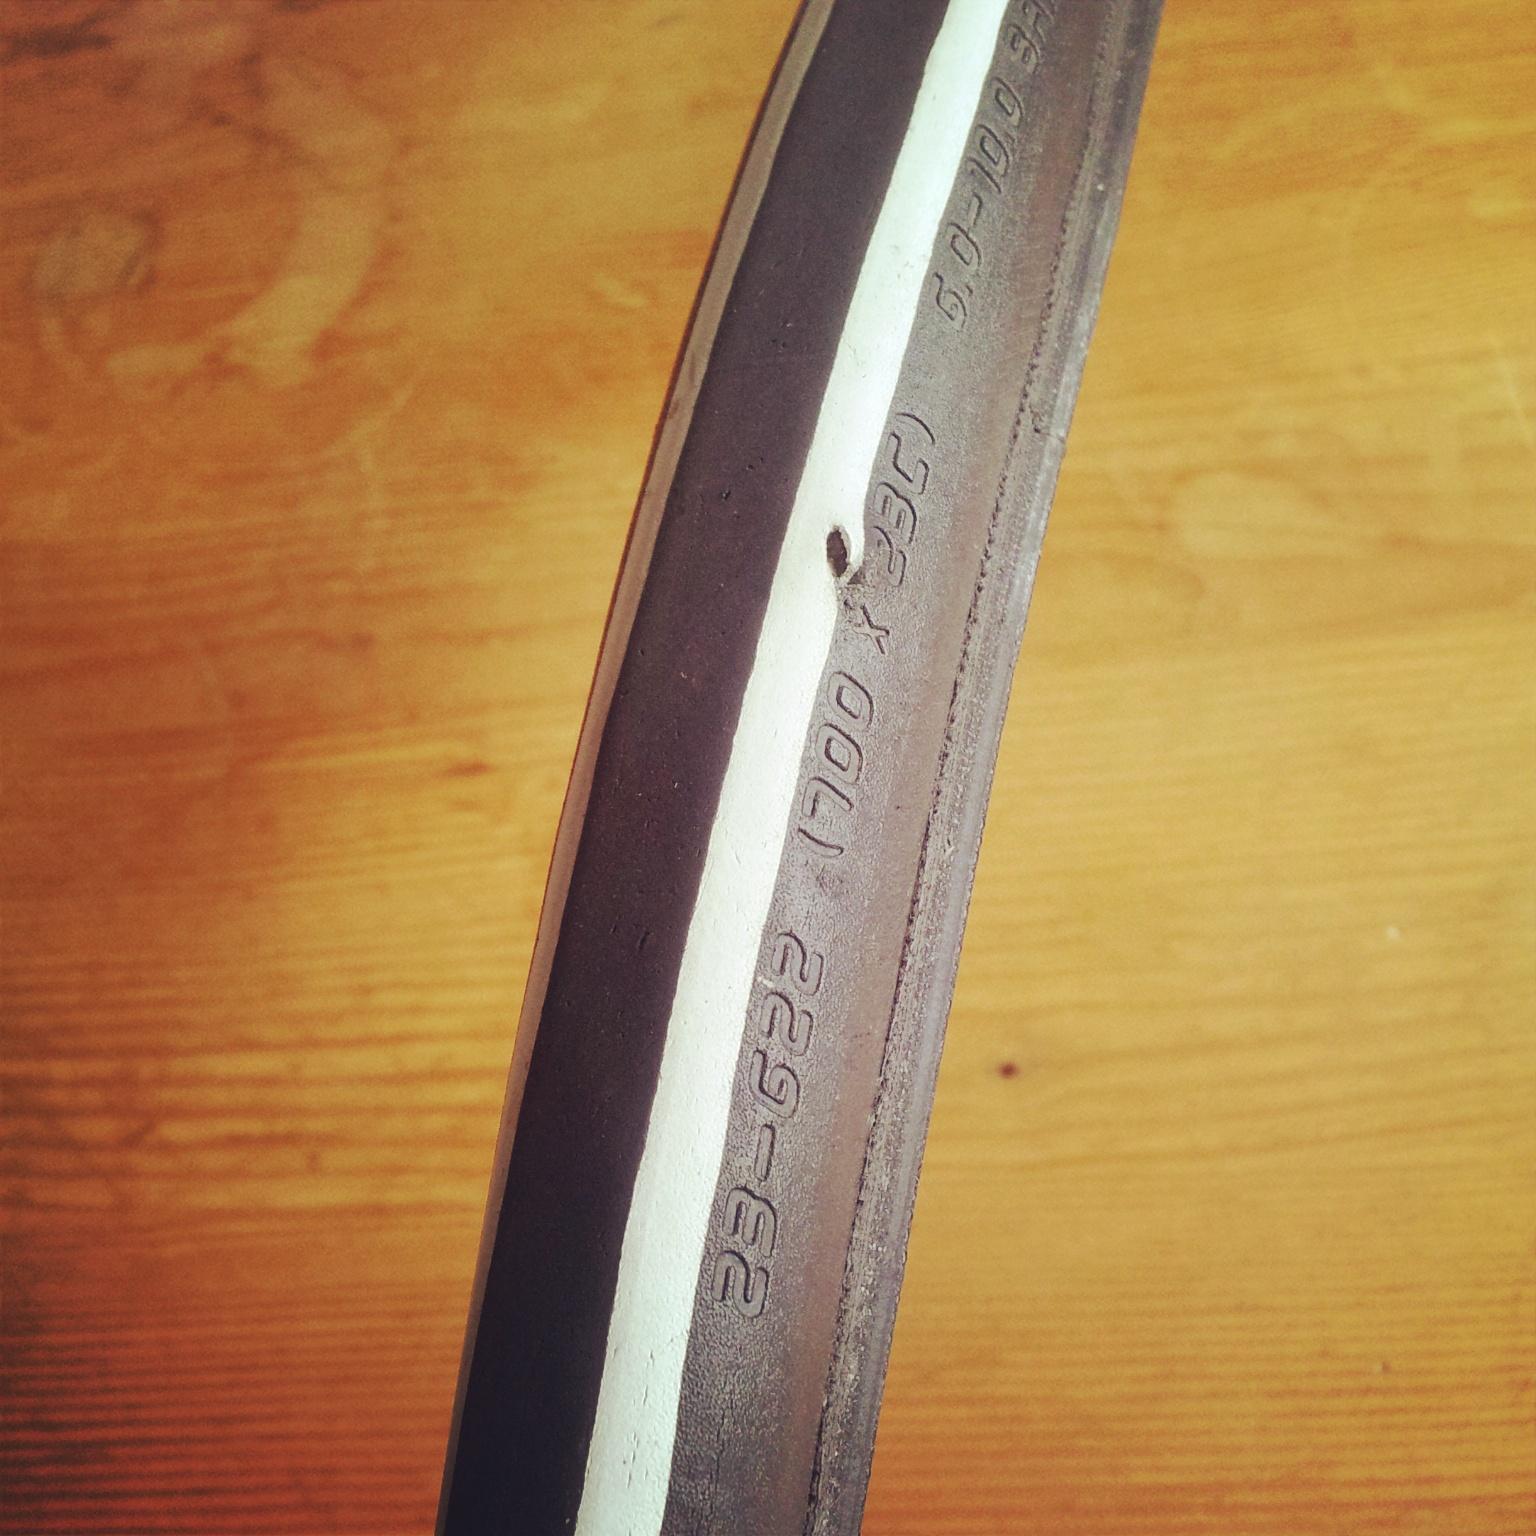 side wall tear in road bike tyre